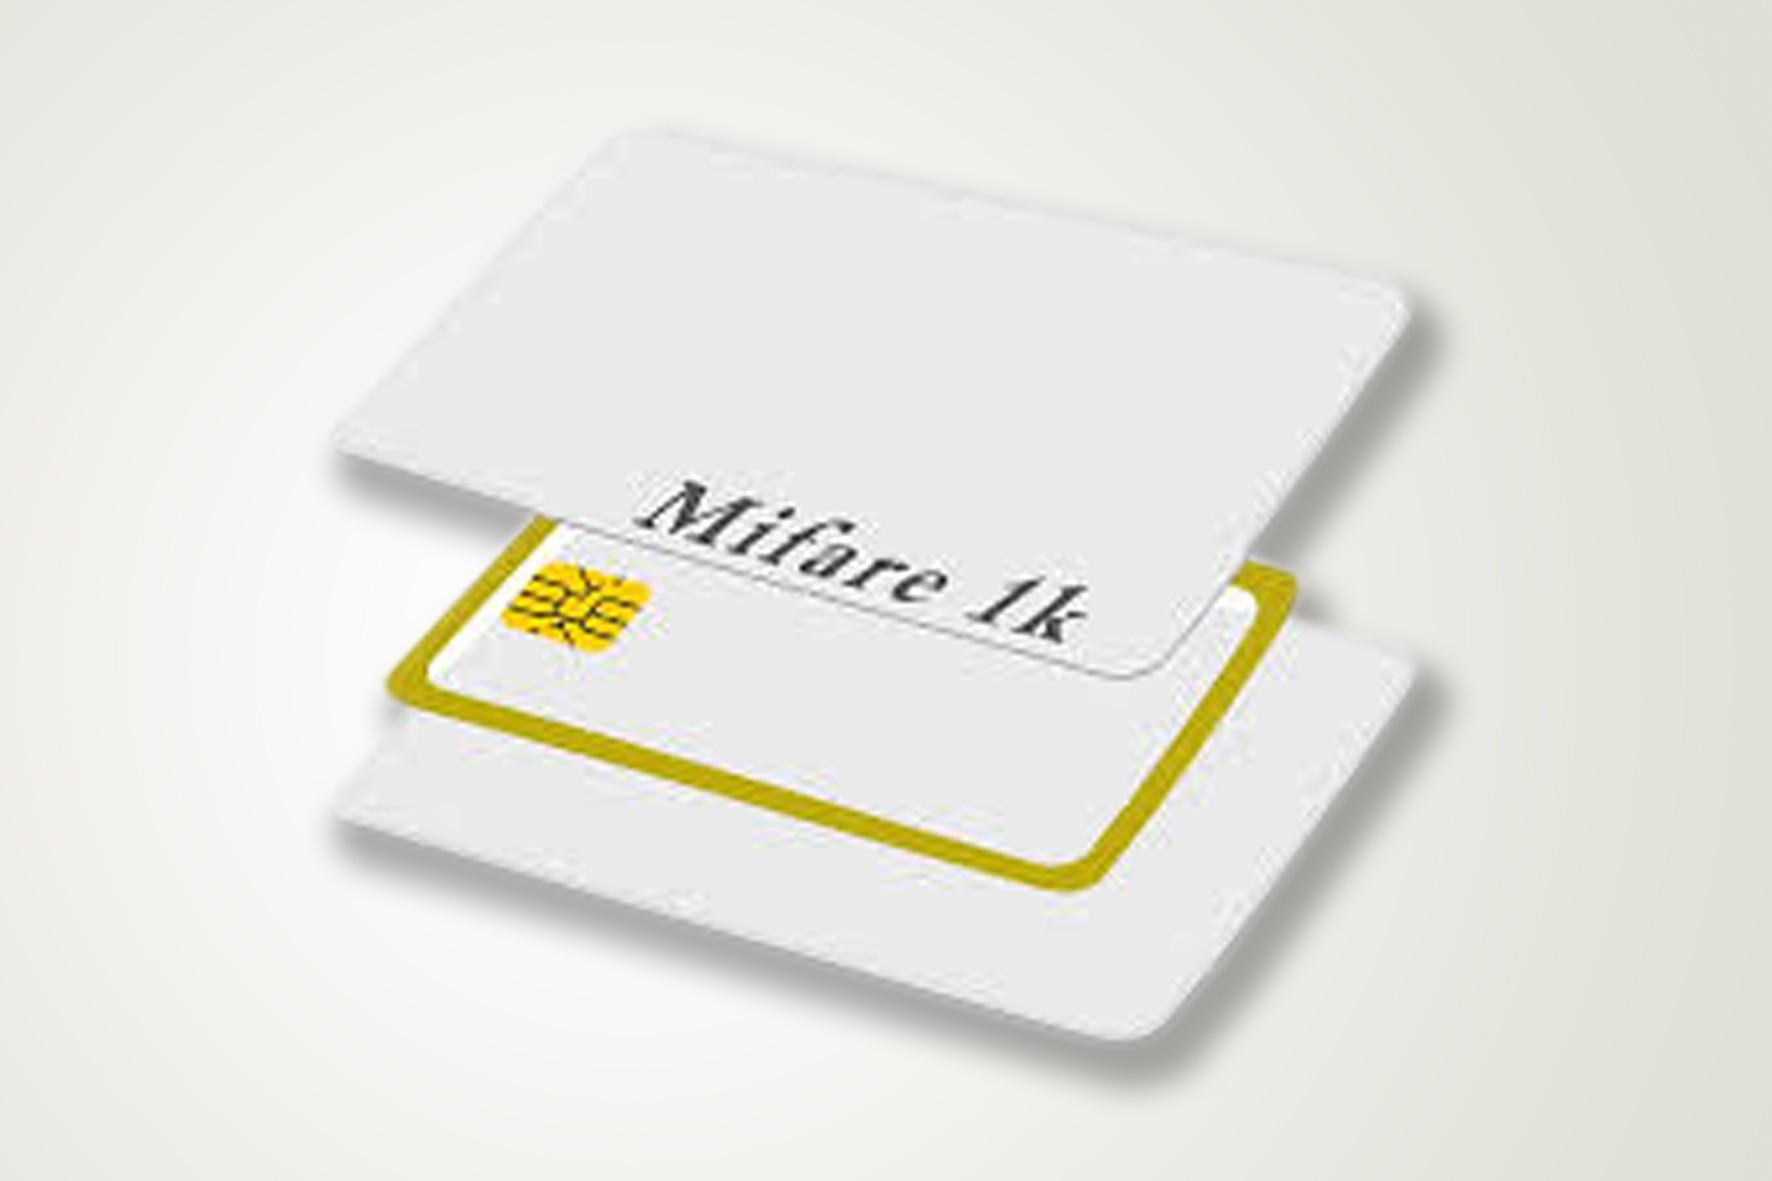 Cartões Mifare na Vila Cavaton - Calendário Preço